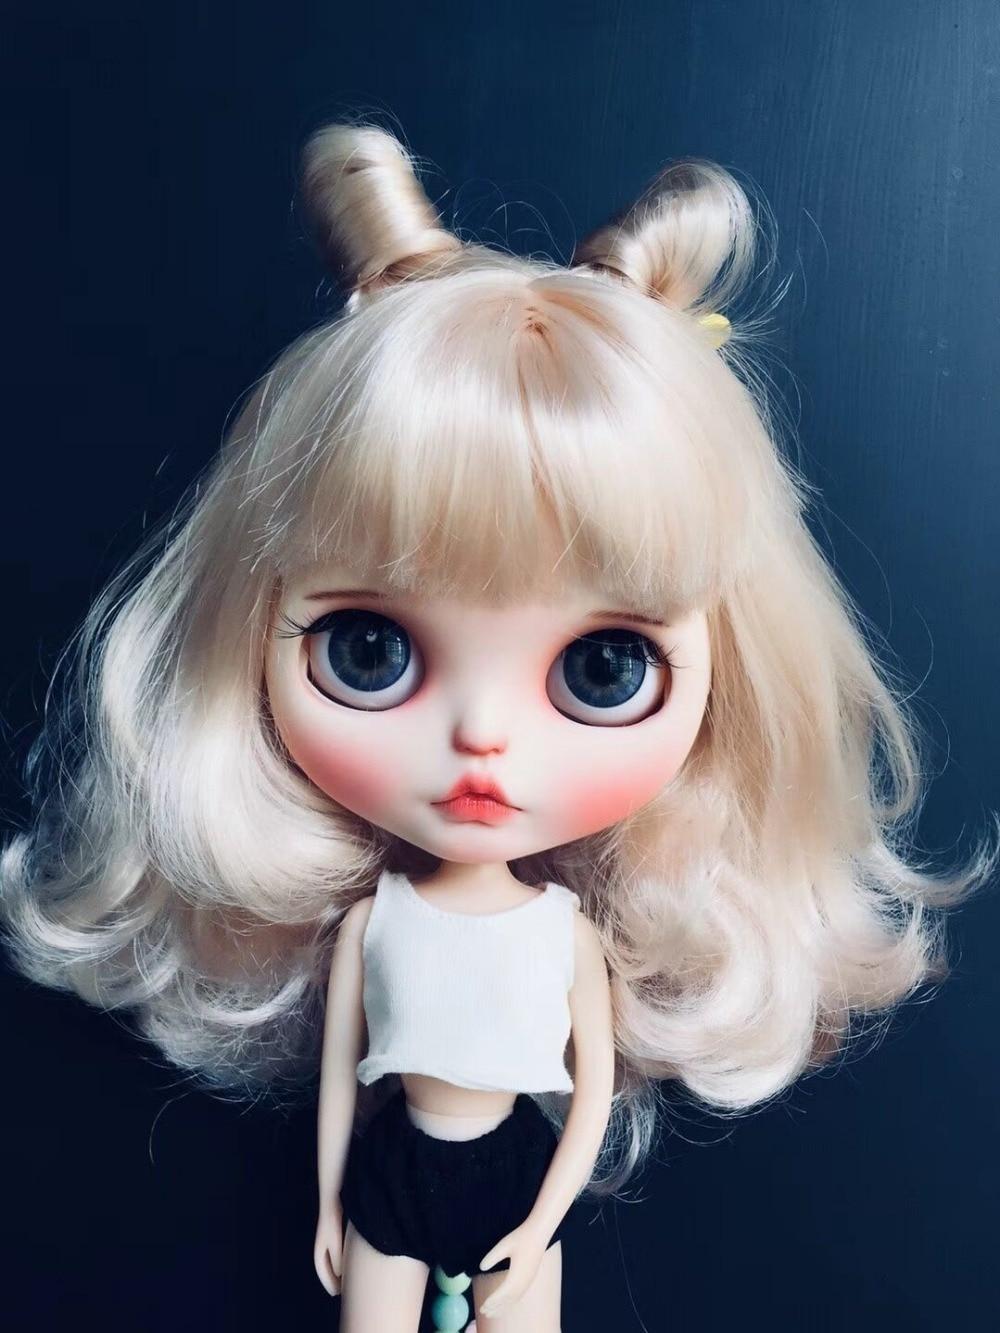 Anpassung puppe DIY Nude blyth puppe Für Mädchen nude puppe 20193 (nicht enthalten kleidung)-in Puppen aus Spielzeug und Hobbys bei  Gruppe 1